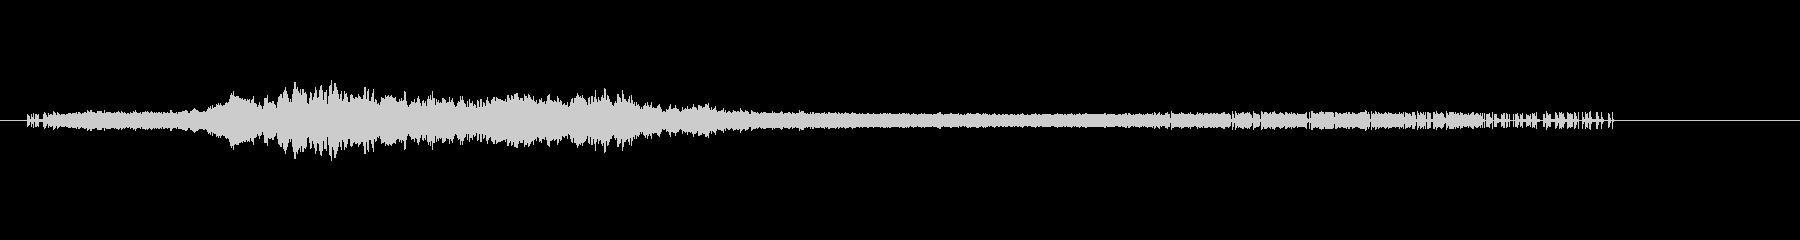 リプレイ向けホラー効果音3 金属&ノイズの未再生の波形